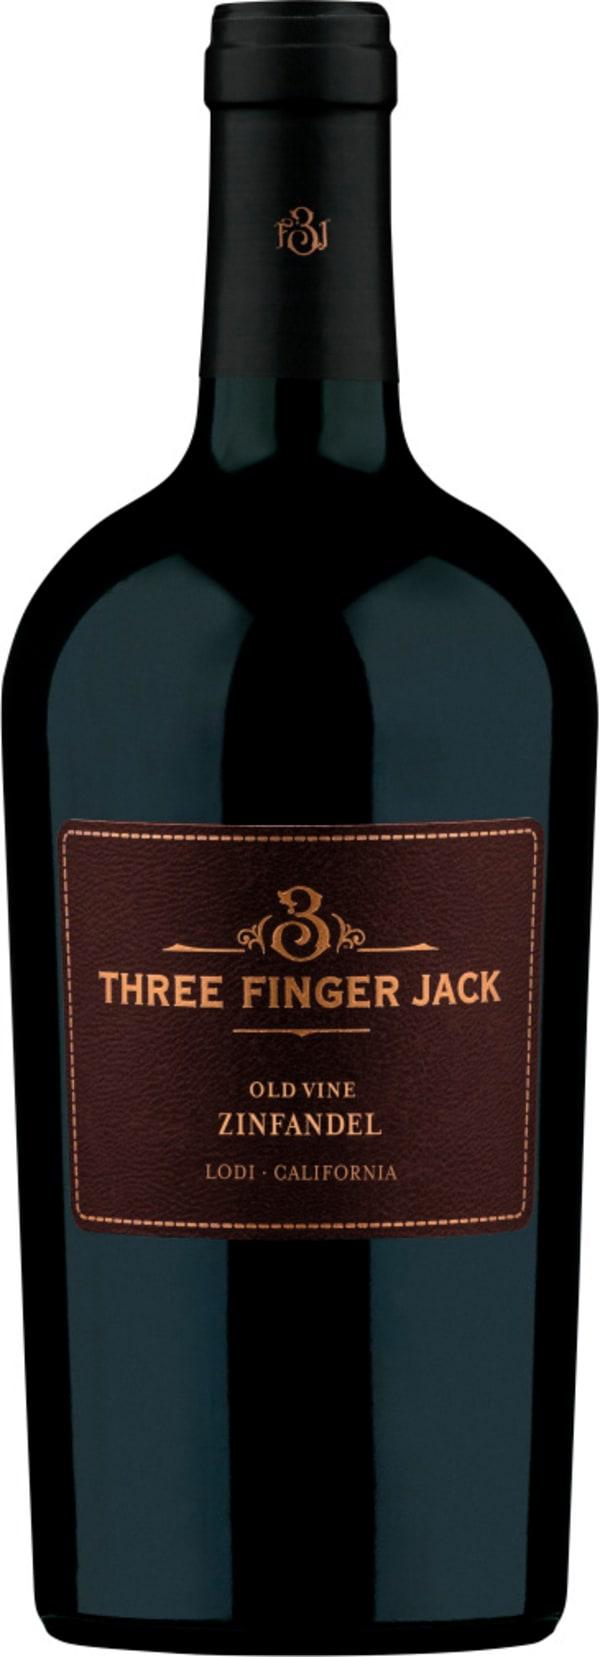 3 Finger Jack Old Vine Zinfandel 2017